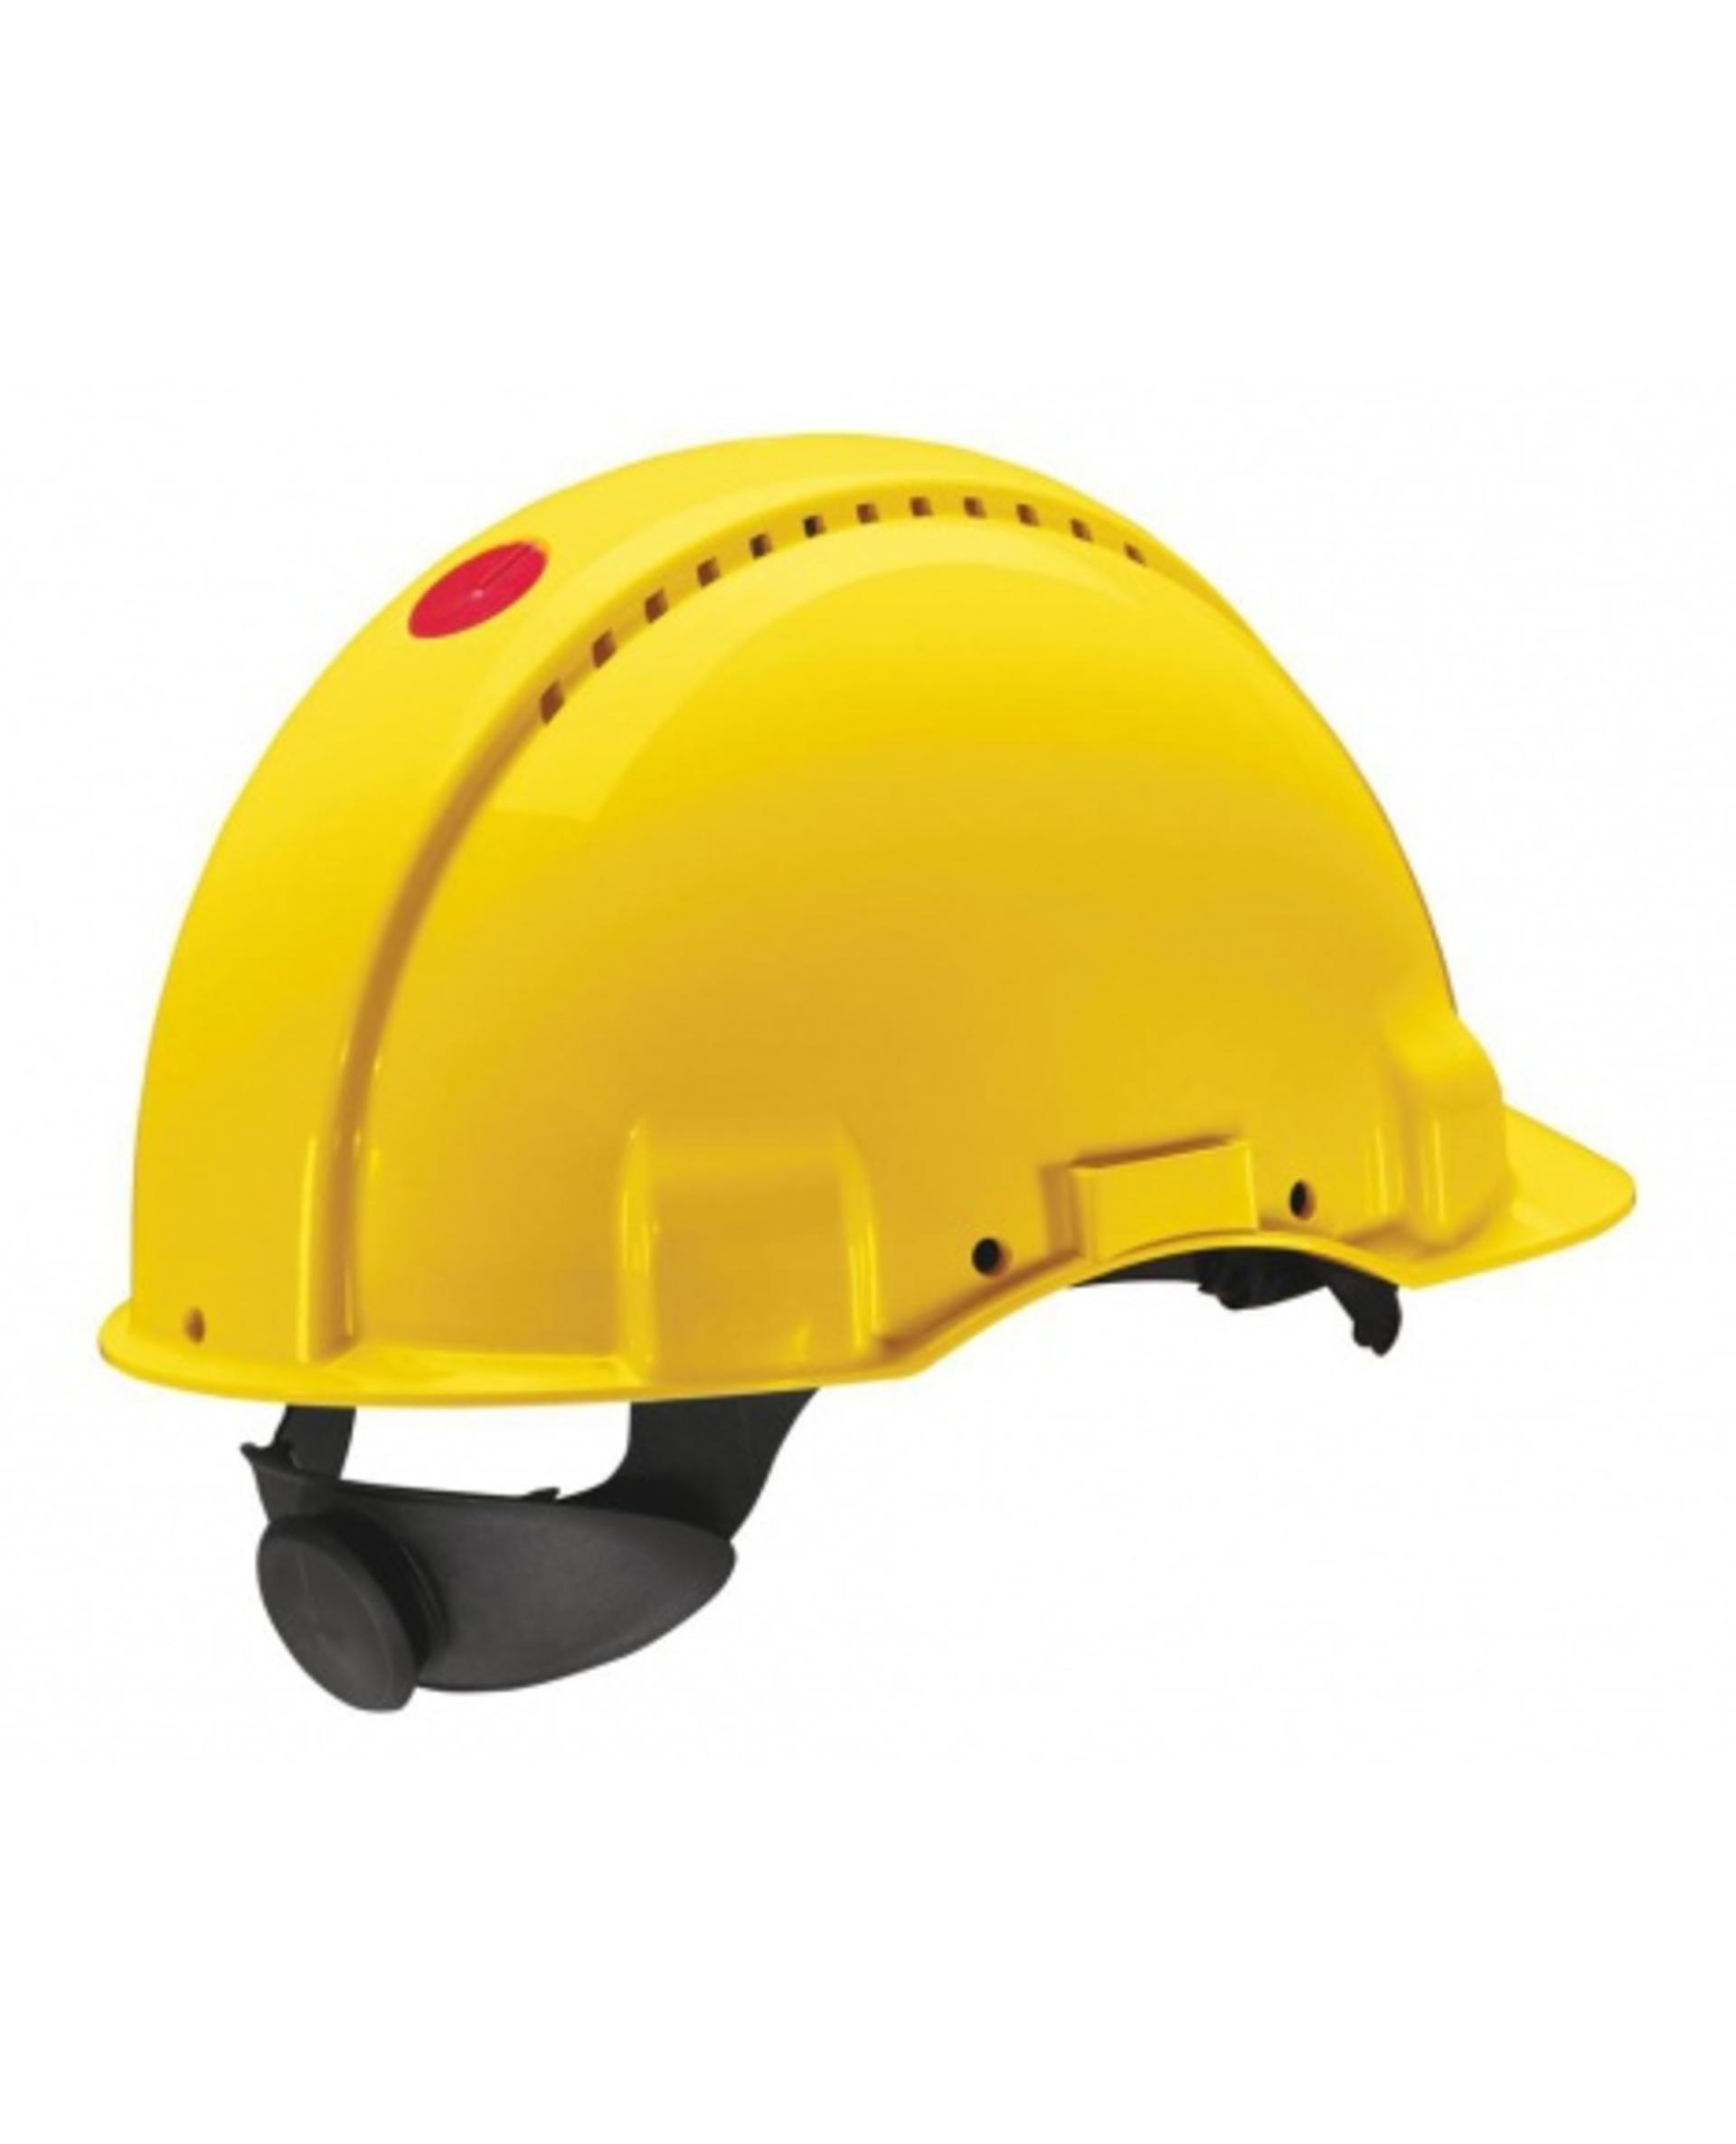 3M PELTOR G3000 Ochranná přilba žlutá